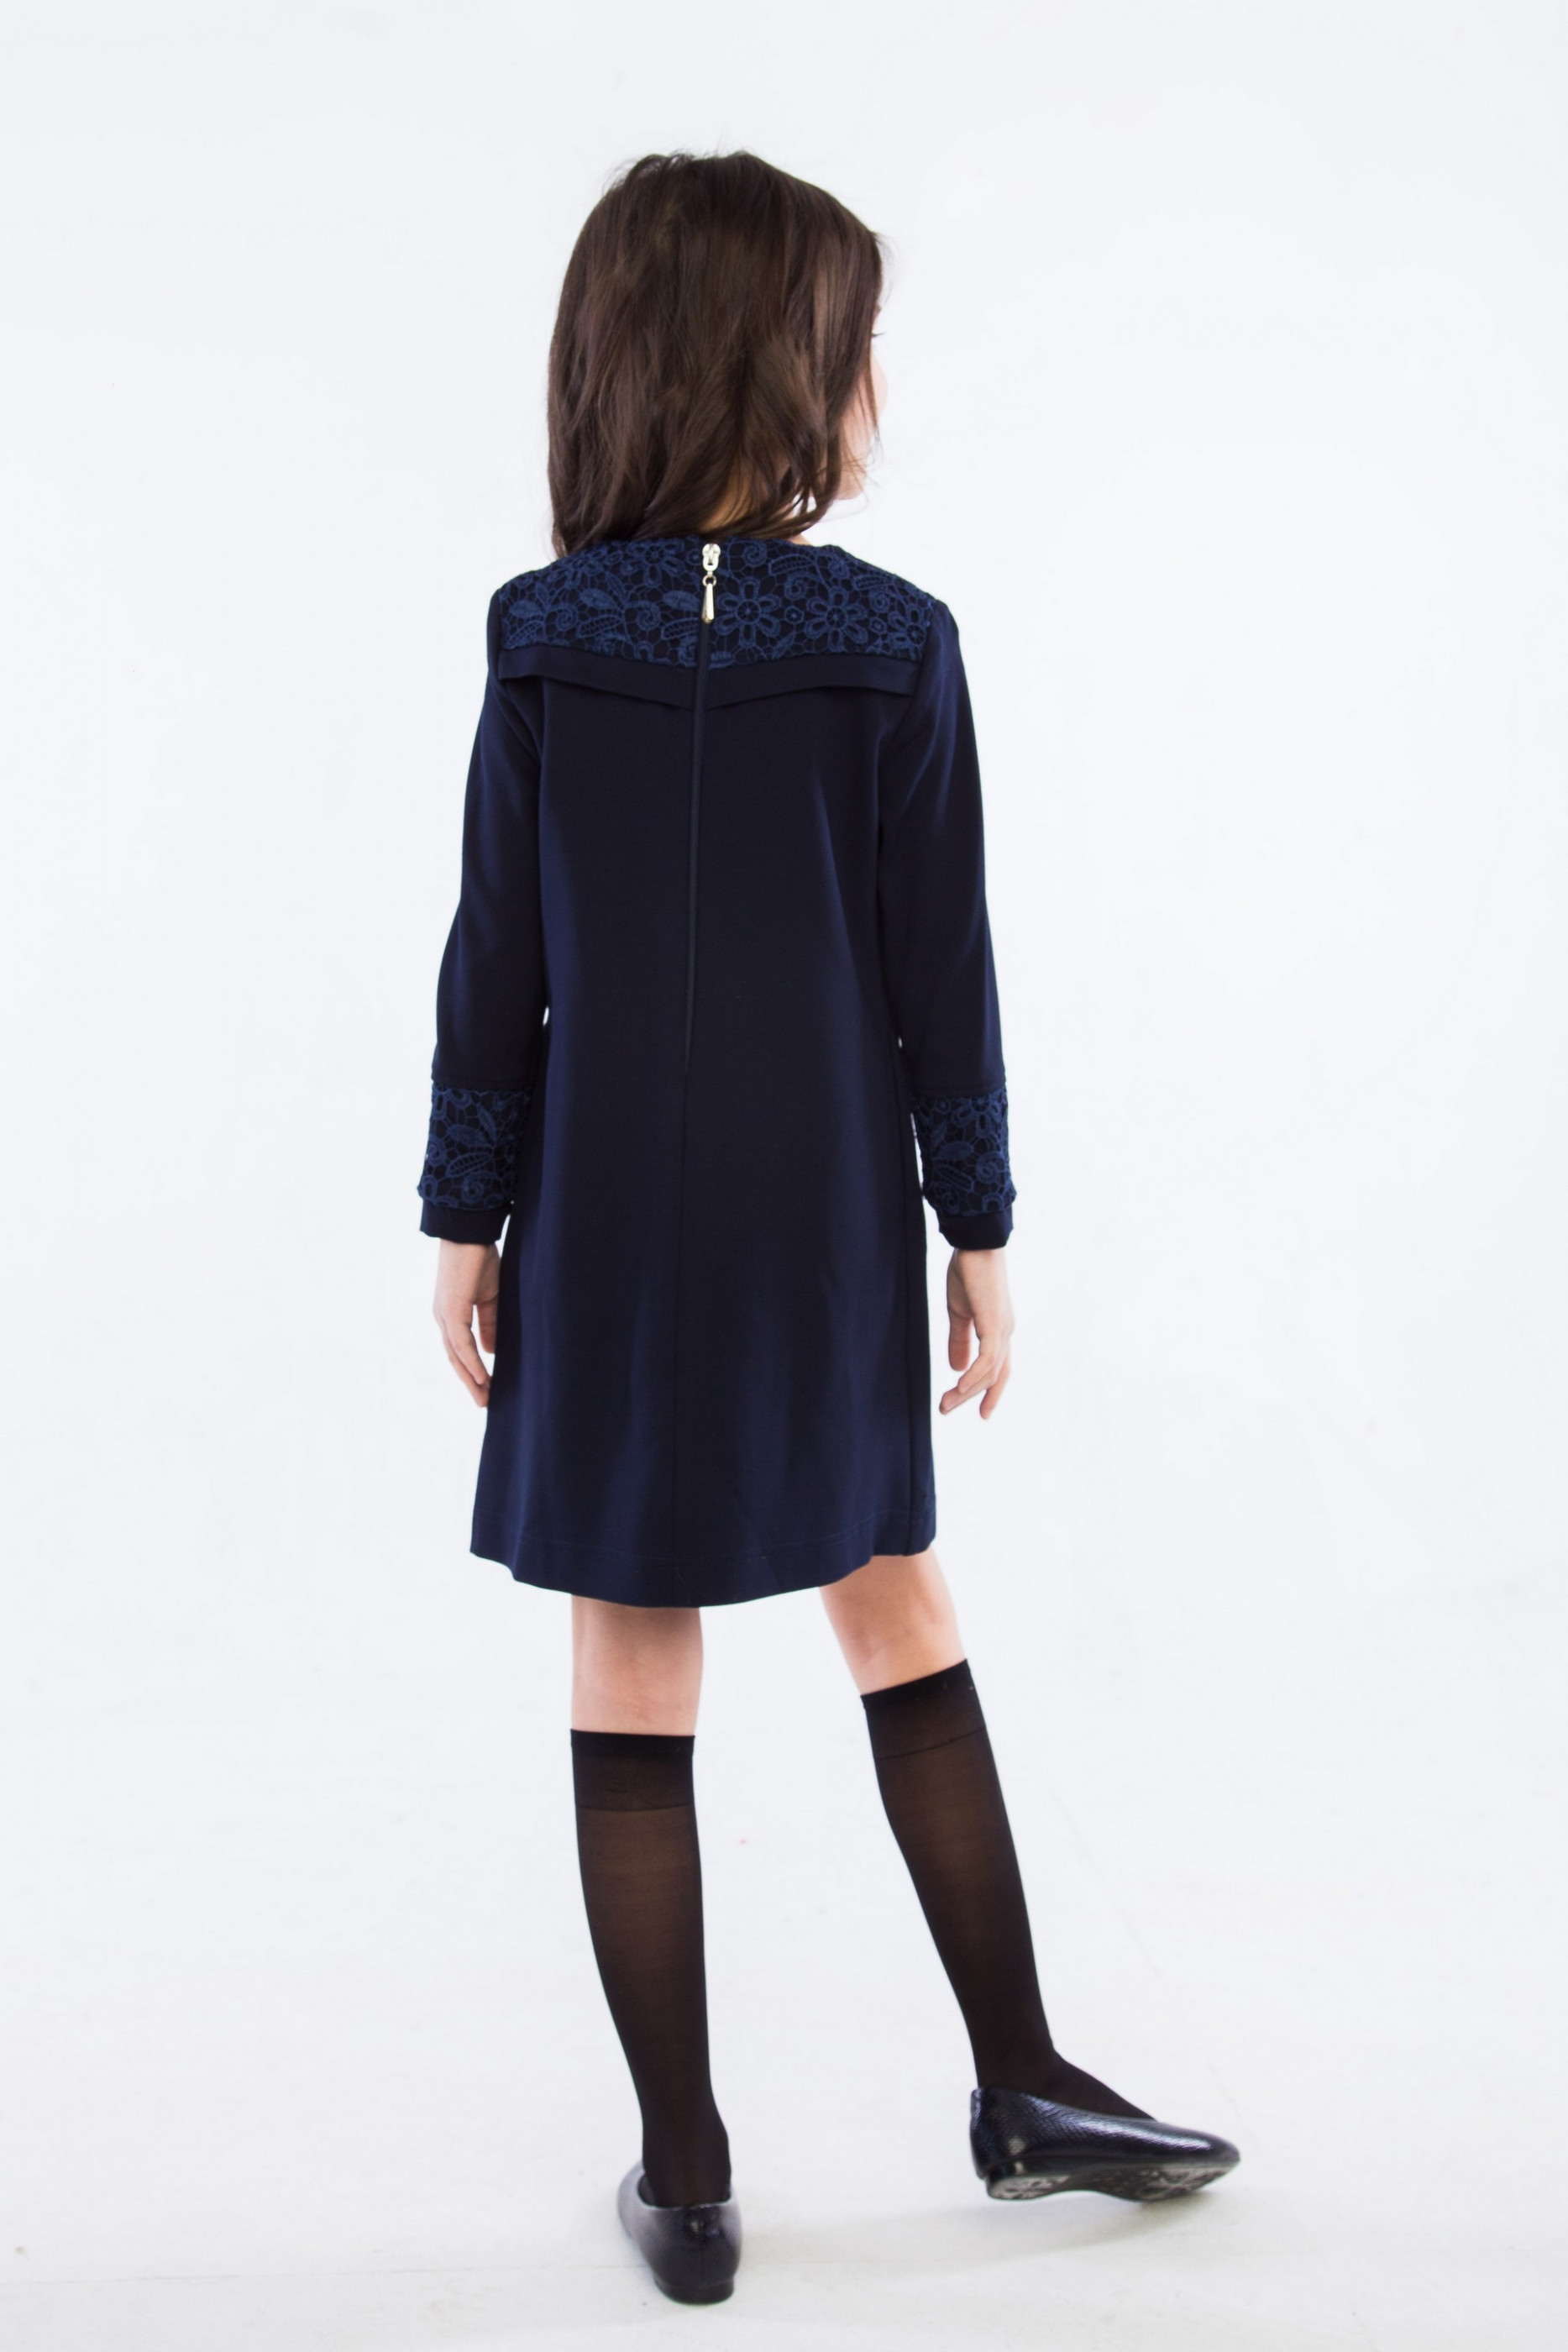 Плаття Армандра, фото №3